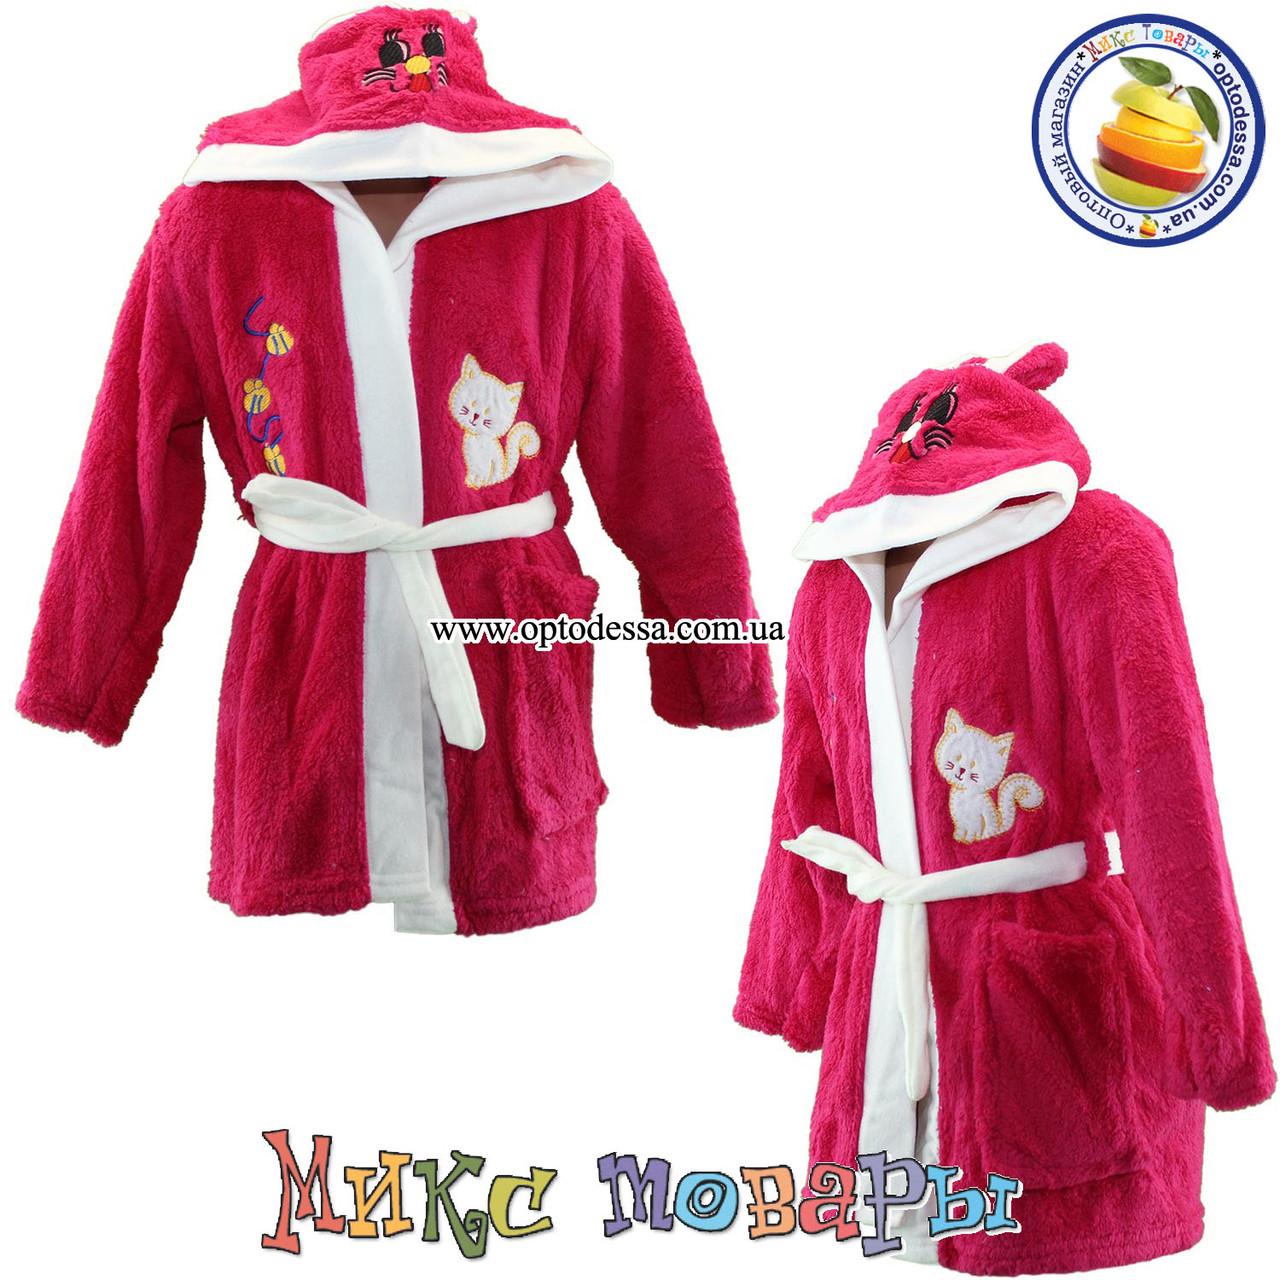 a64740c4f2d14 Детские махровые халаты от 5 до 8 лет (4893-1), цена, купить в ...